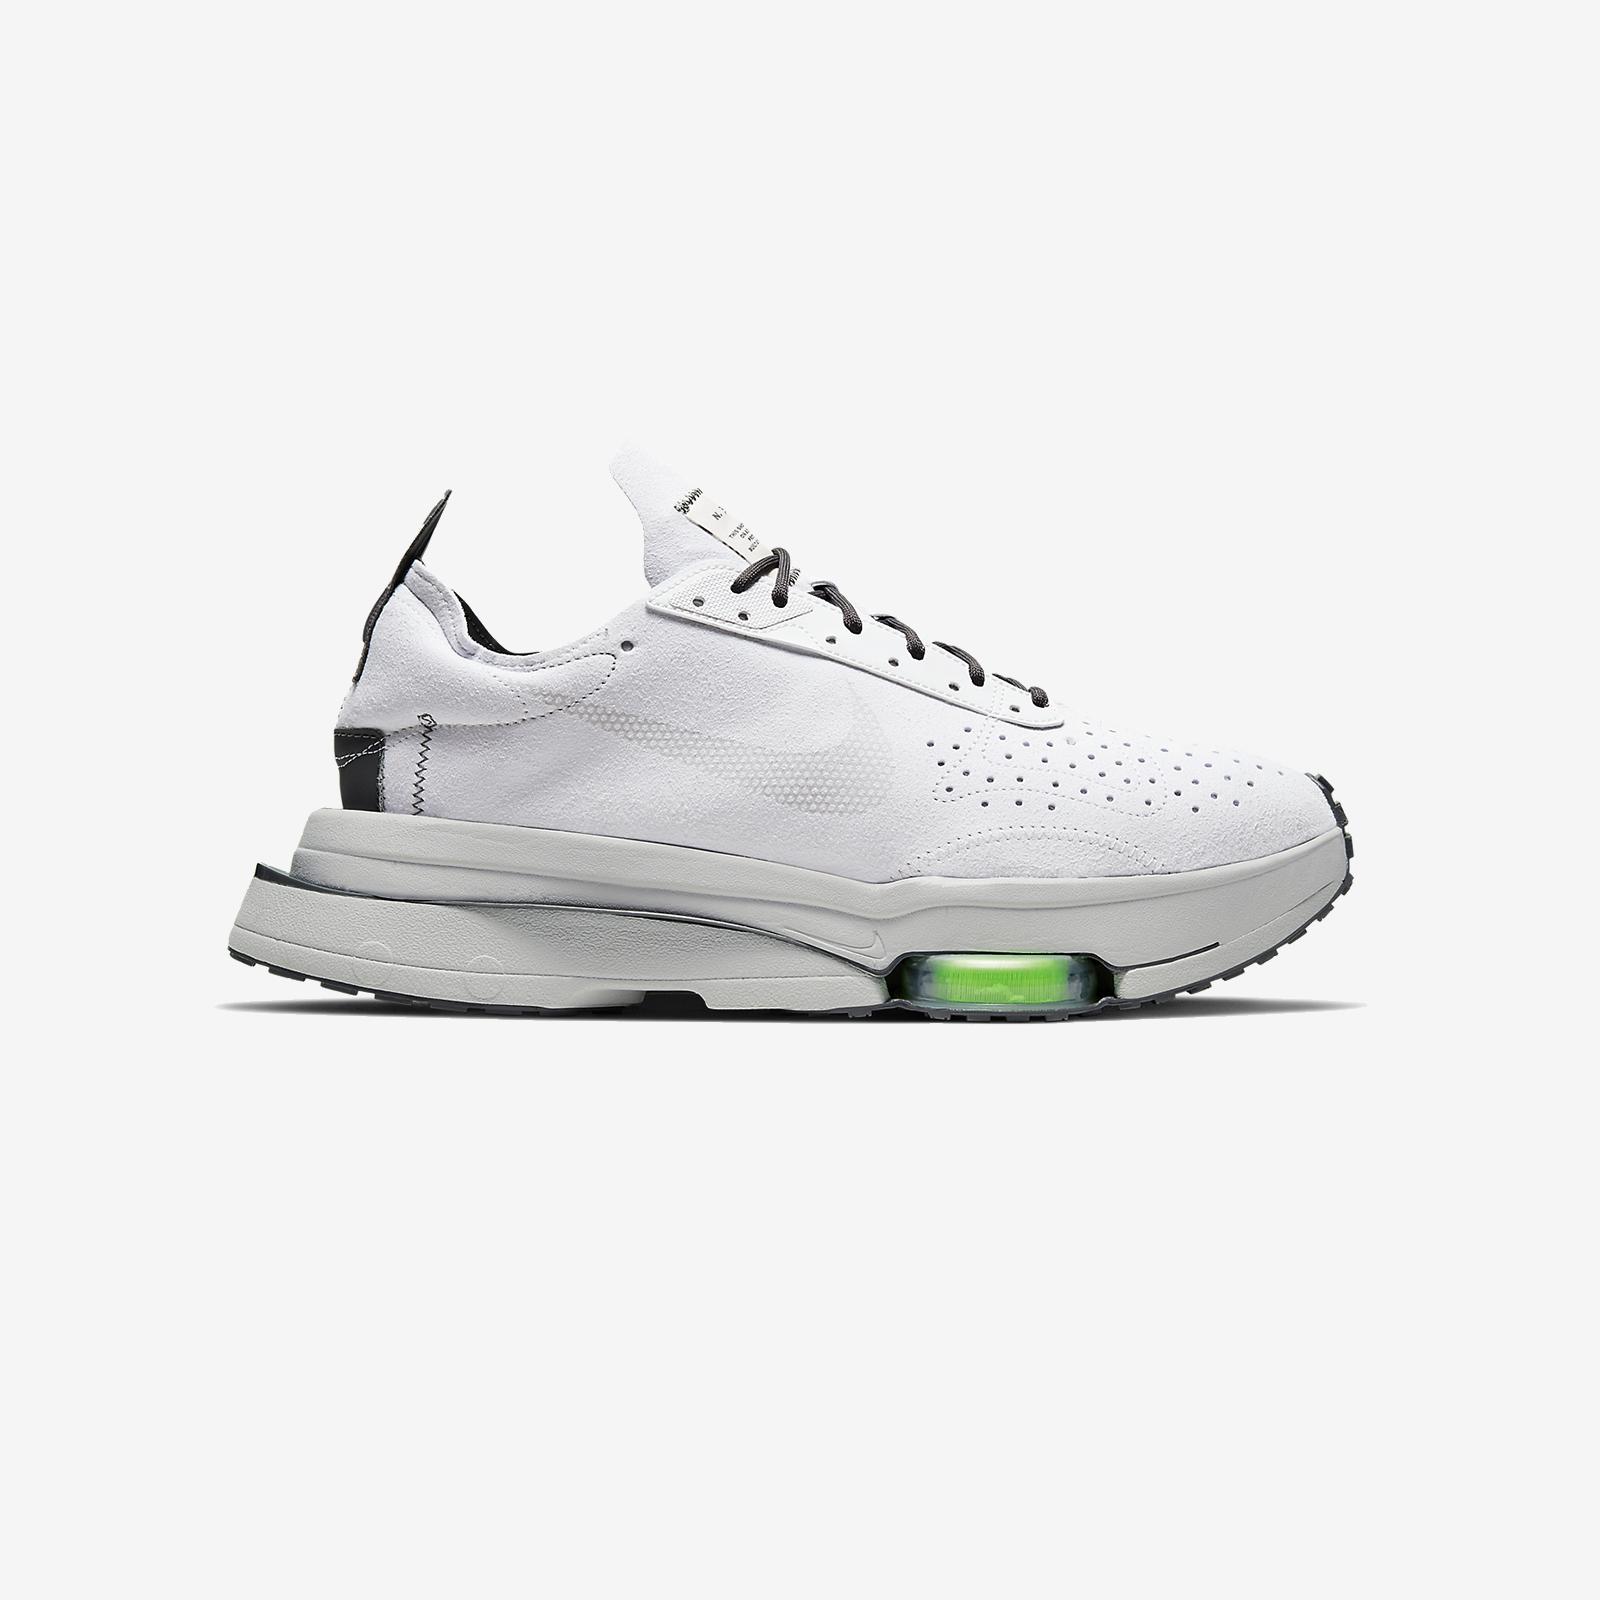 Nike Air Zoom Type - Cj2033-100 - SNS | sneakers & streetwear ...